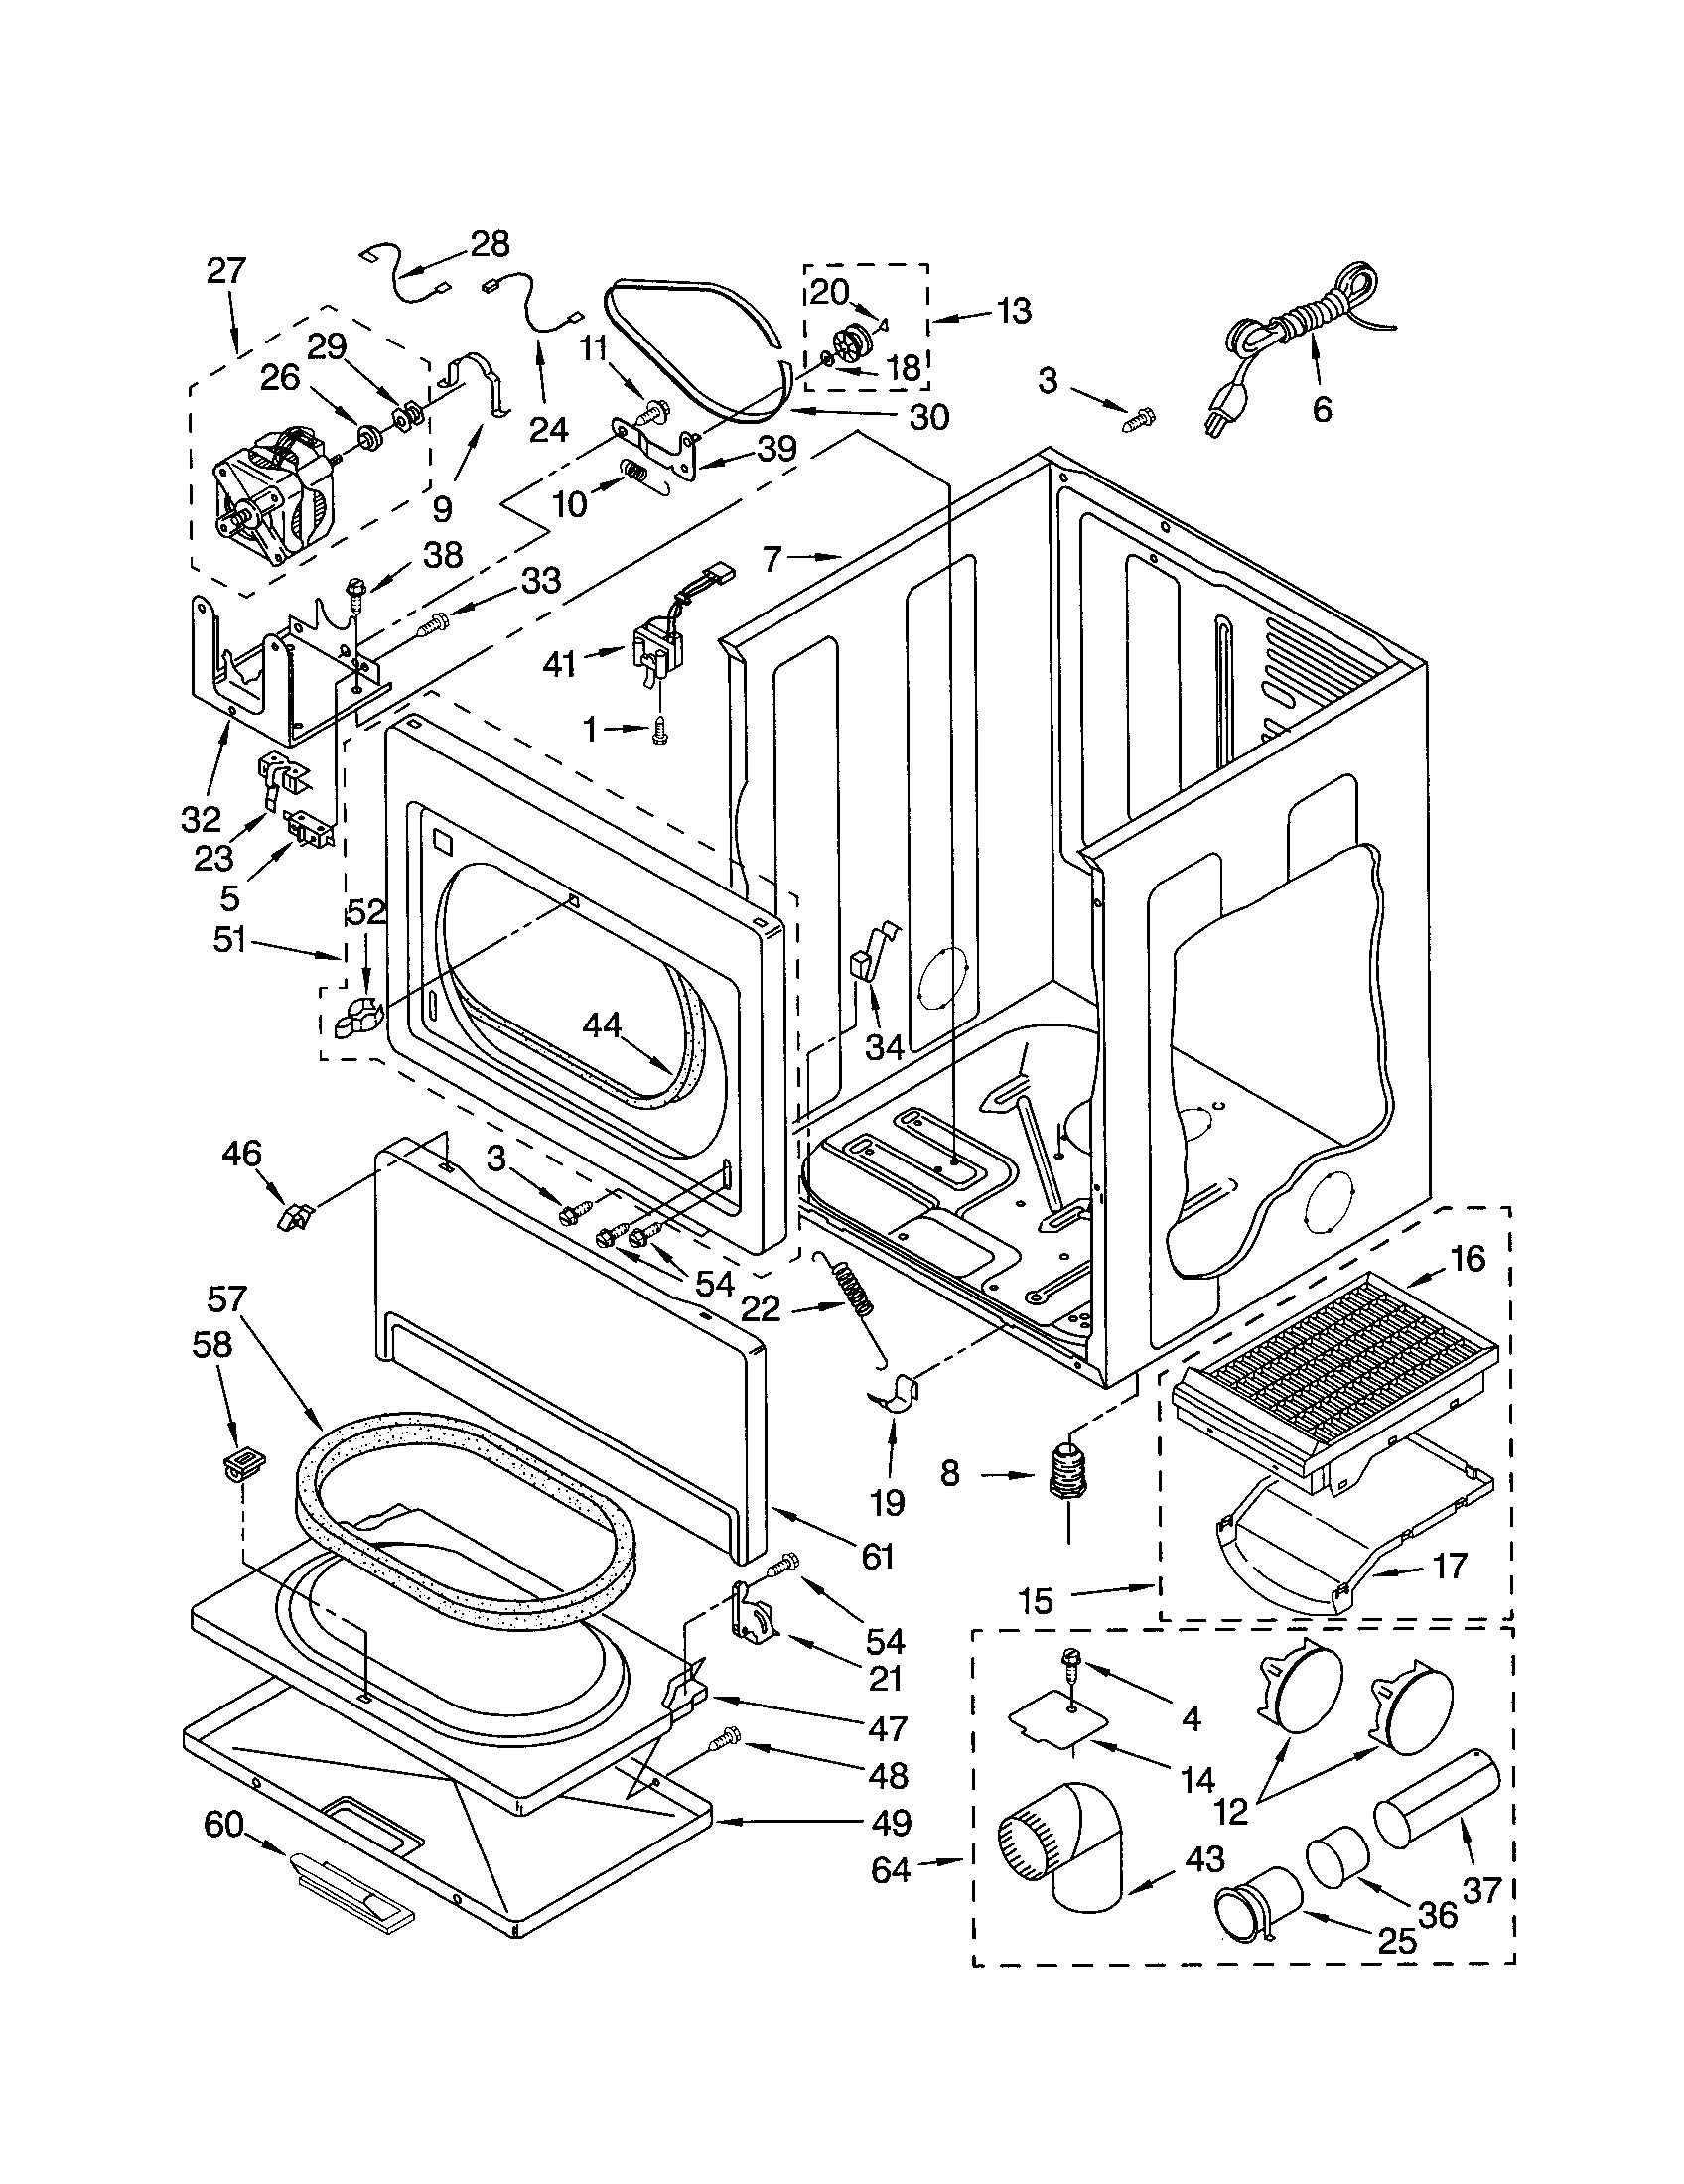 I Have A Kenmore Elite Sensor Smart Gas Dryer  Model 110